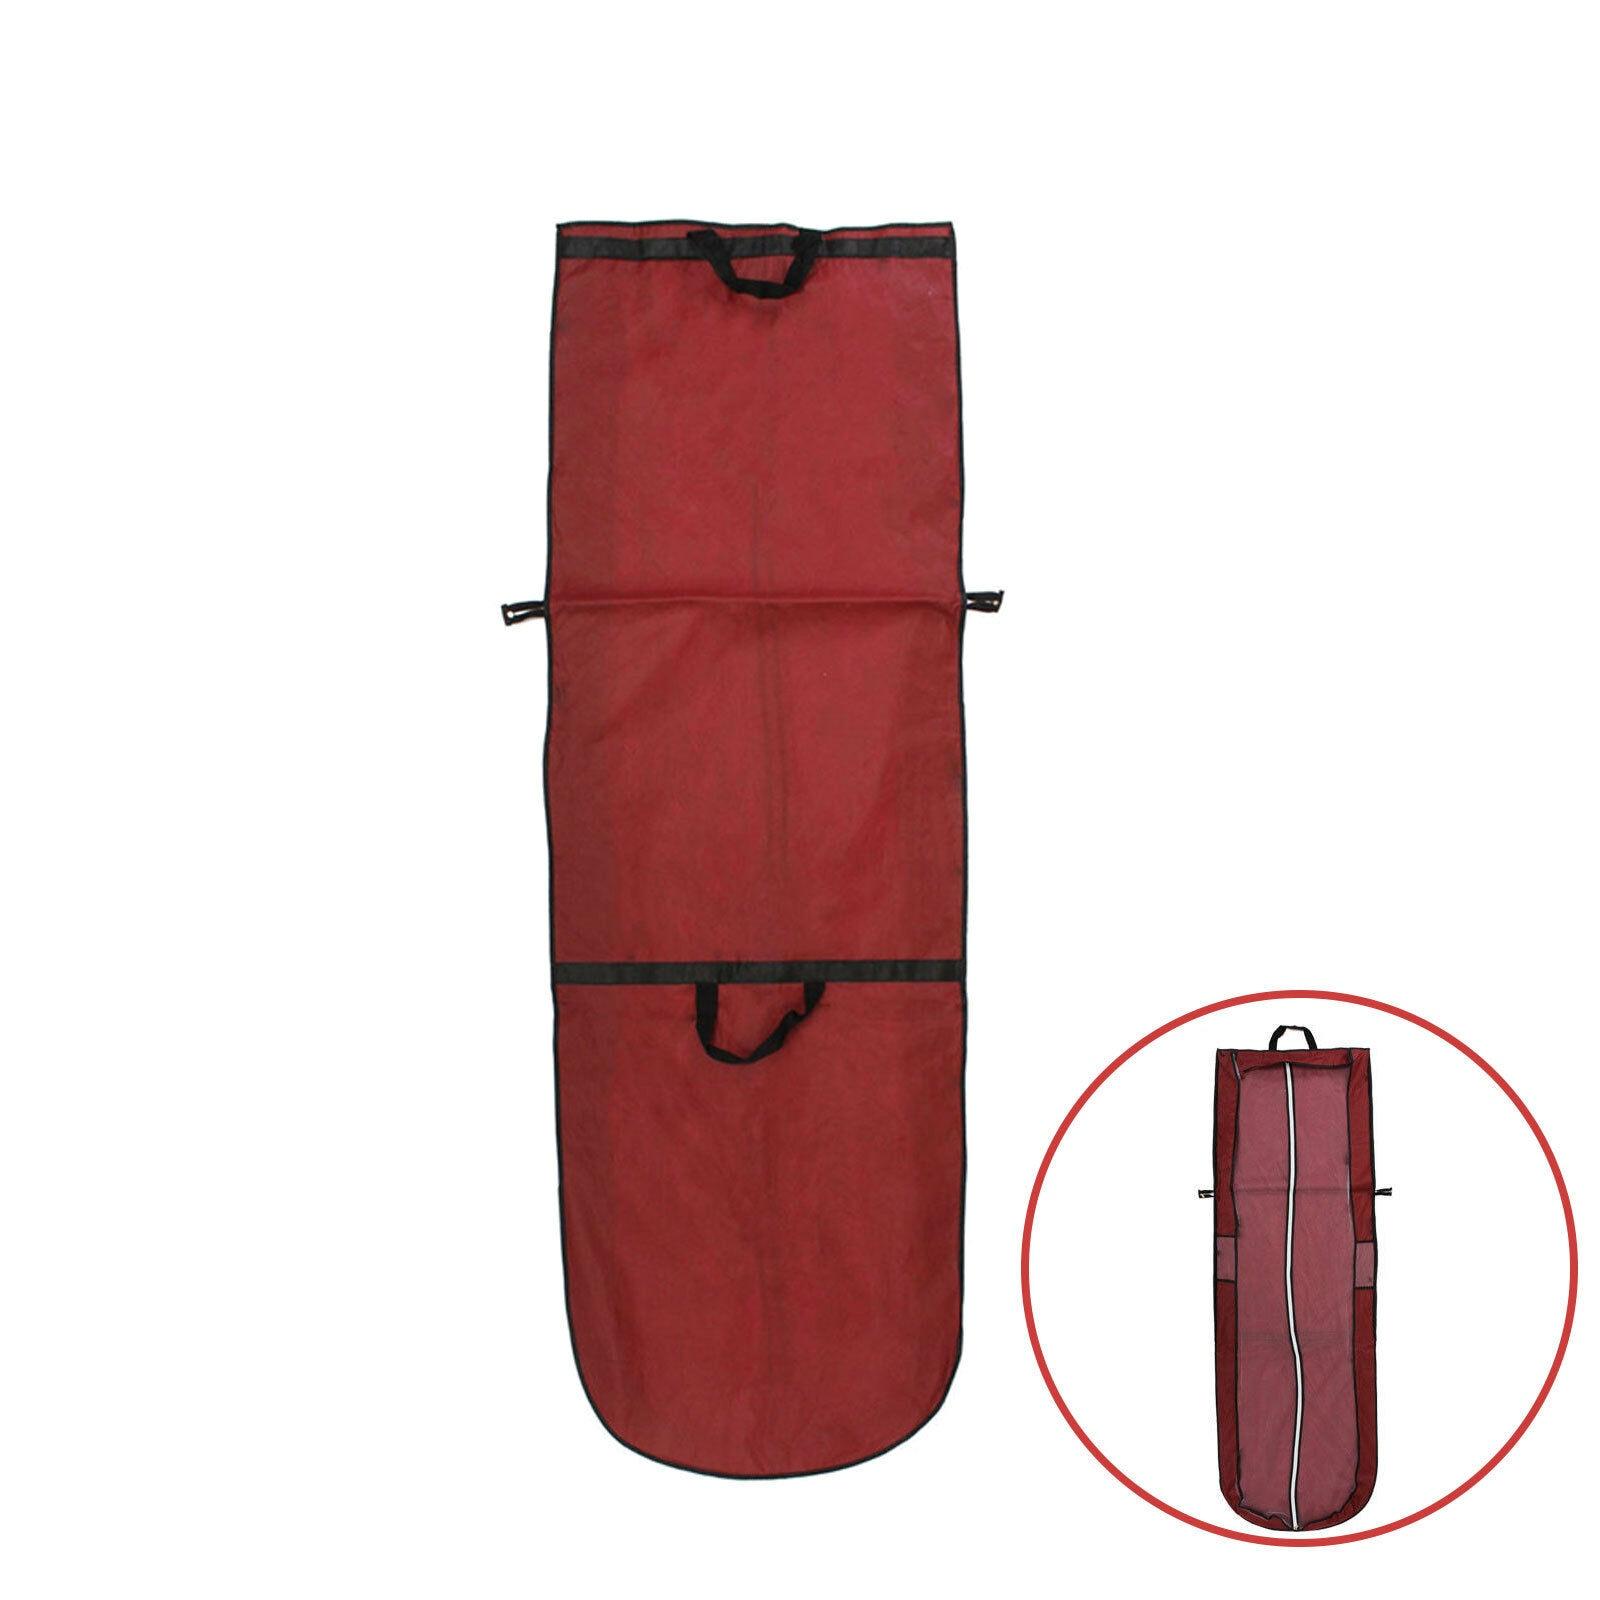 Vestido de novia bolsa de protección plegable polvo vestido rojo resistente al almacenamiento funda antipolvo para ropa bolsa cubierta a prueba de polvo bolsa de ropa